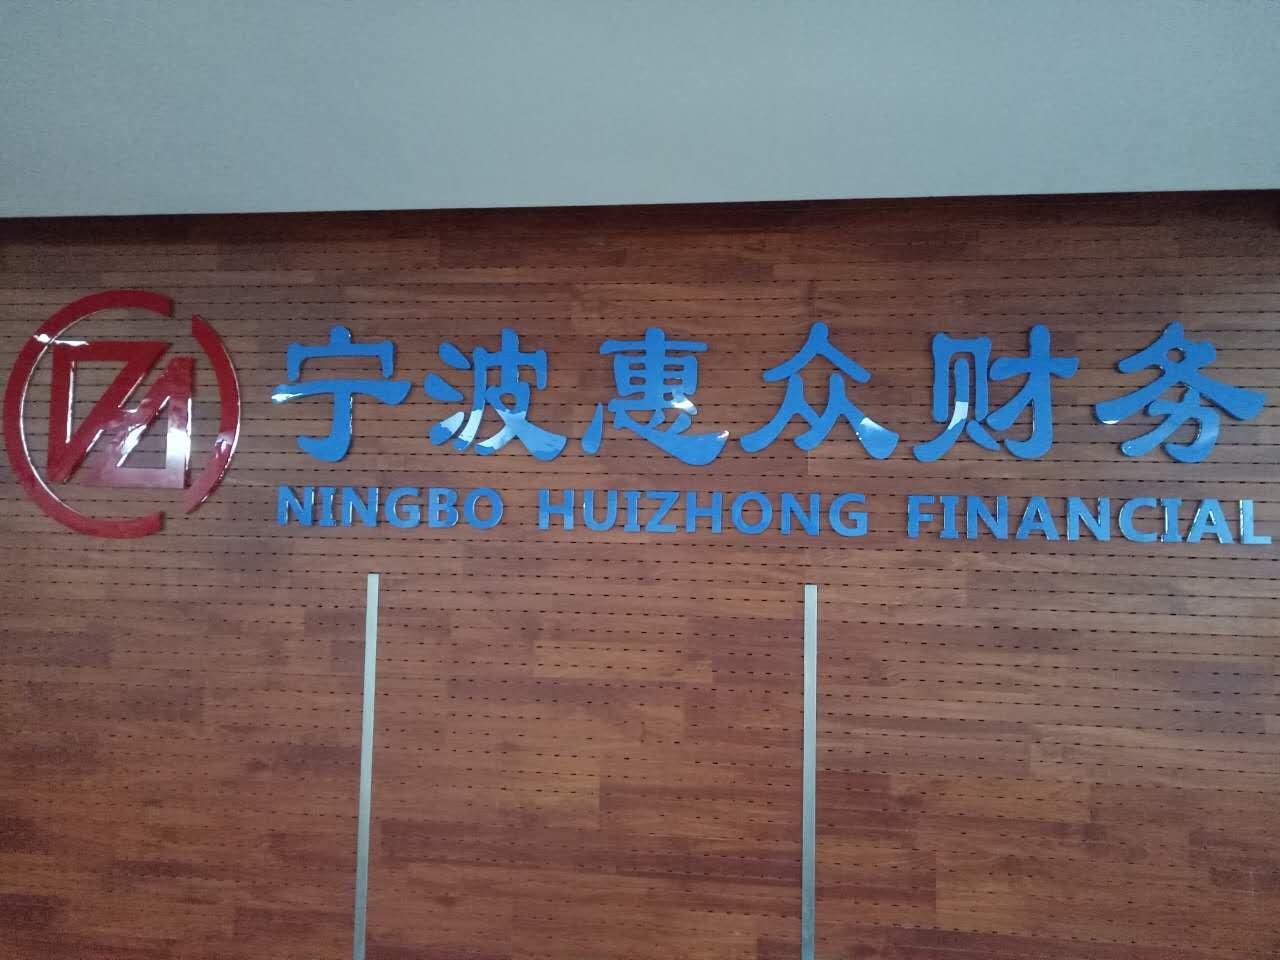 寧波惠眾財務服務有限公司